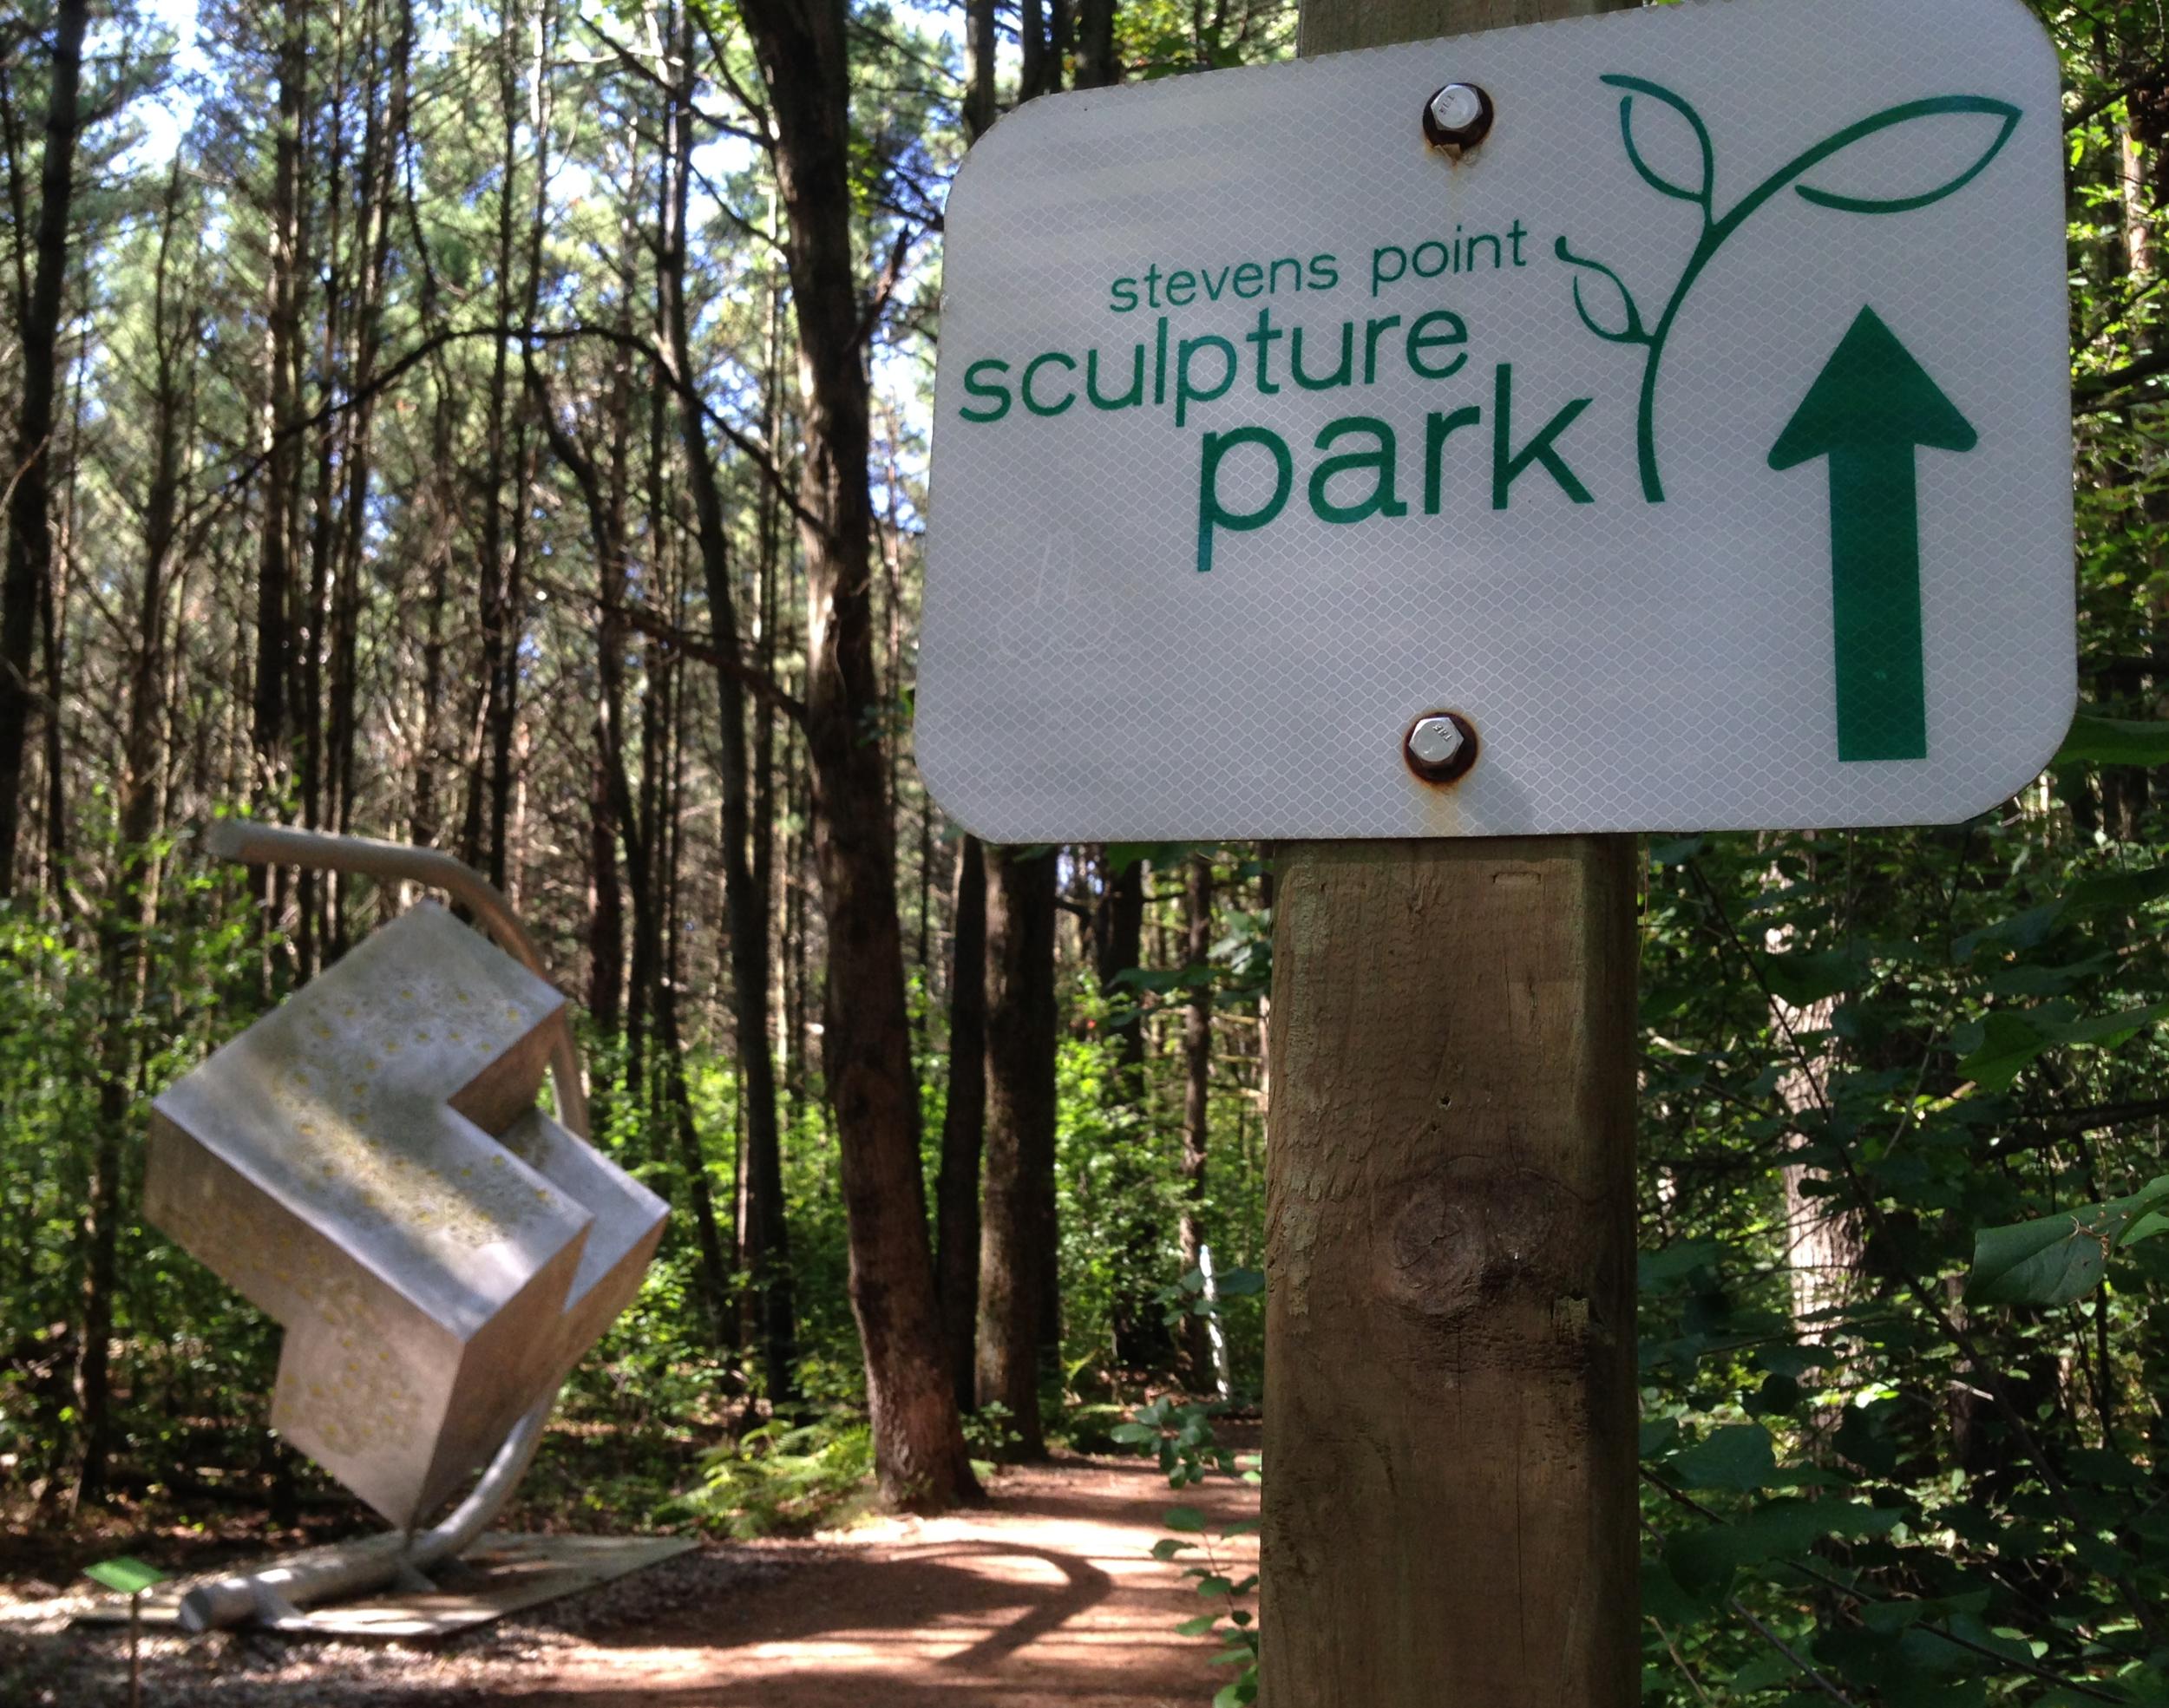 Sculpture Park.png